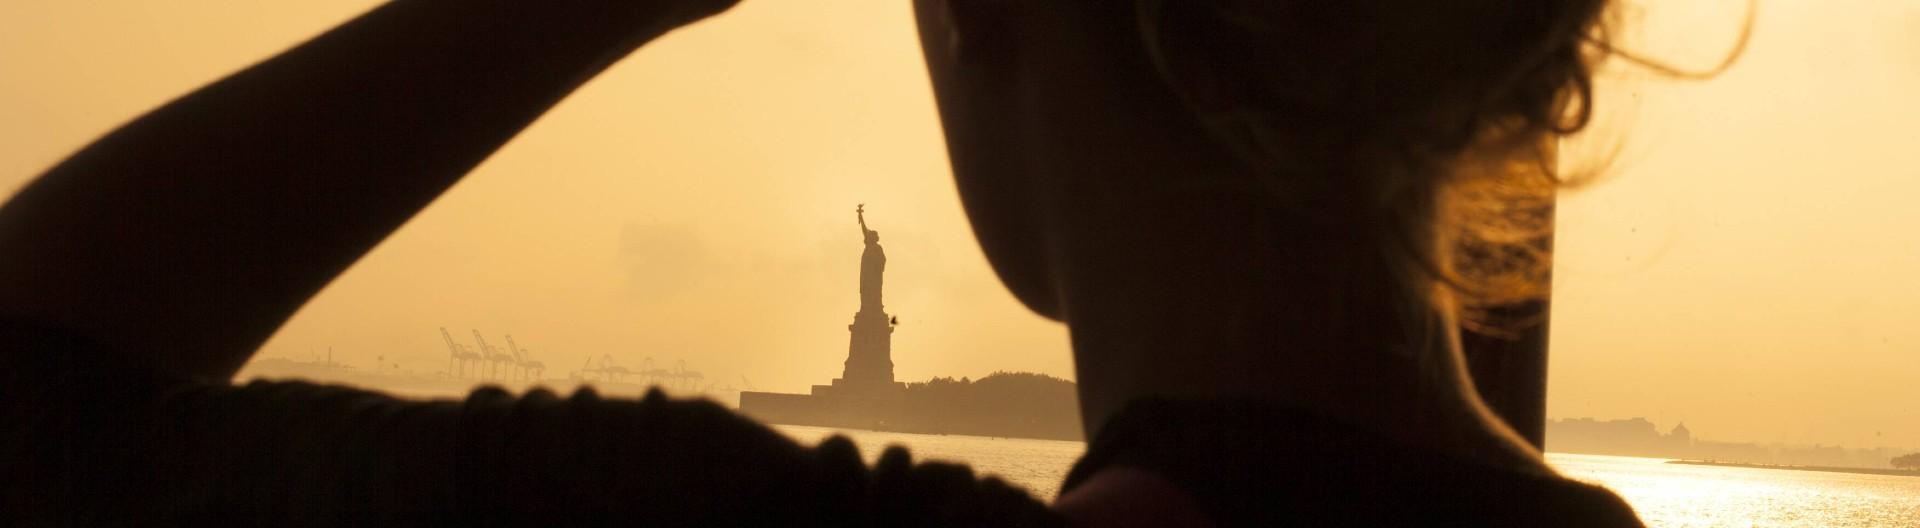 Frau blickt im Sonnenuntergang auf die Freiheitsstatue in New York.